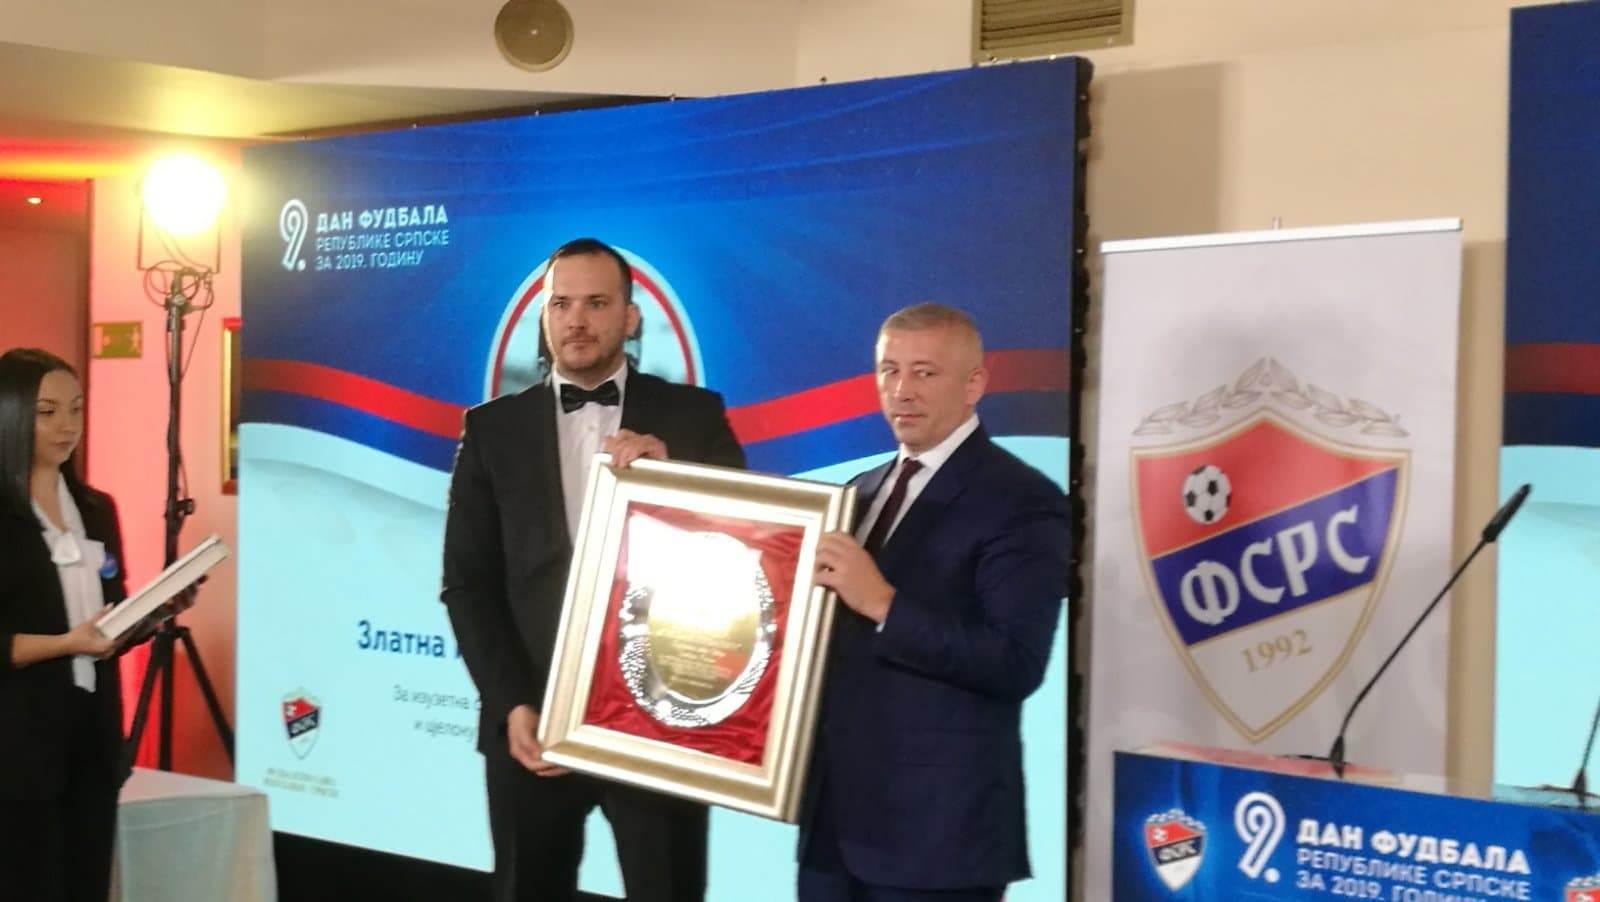 Bora Milutinović, FS RS